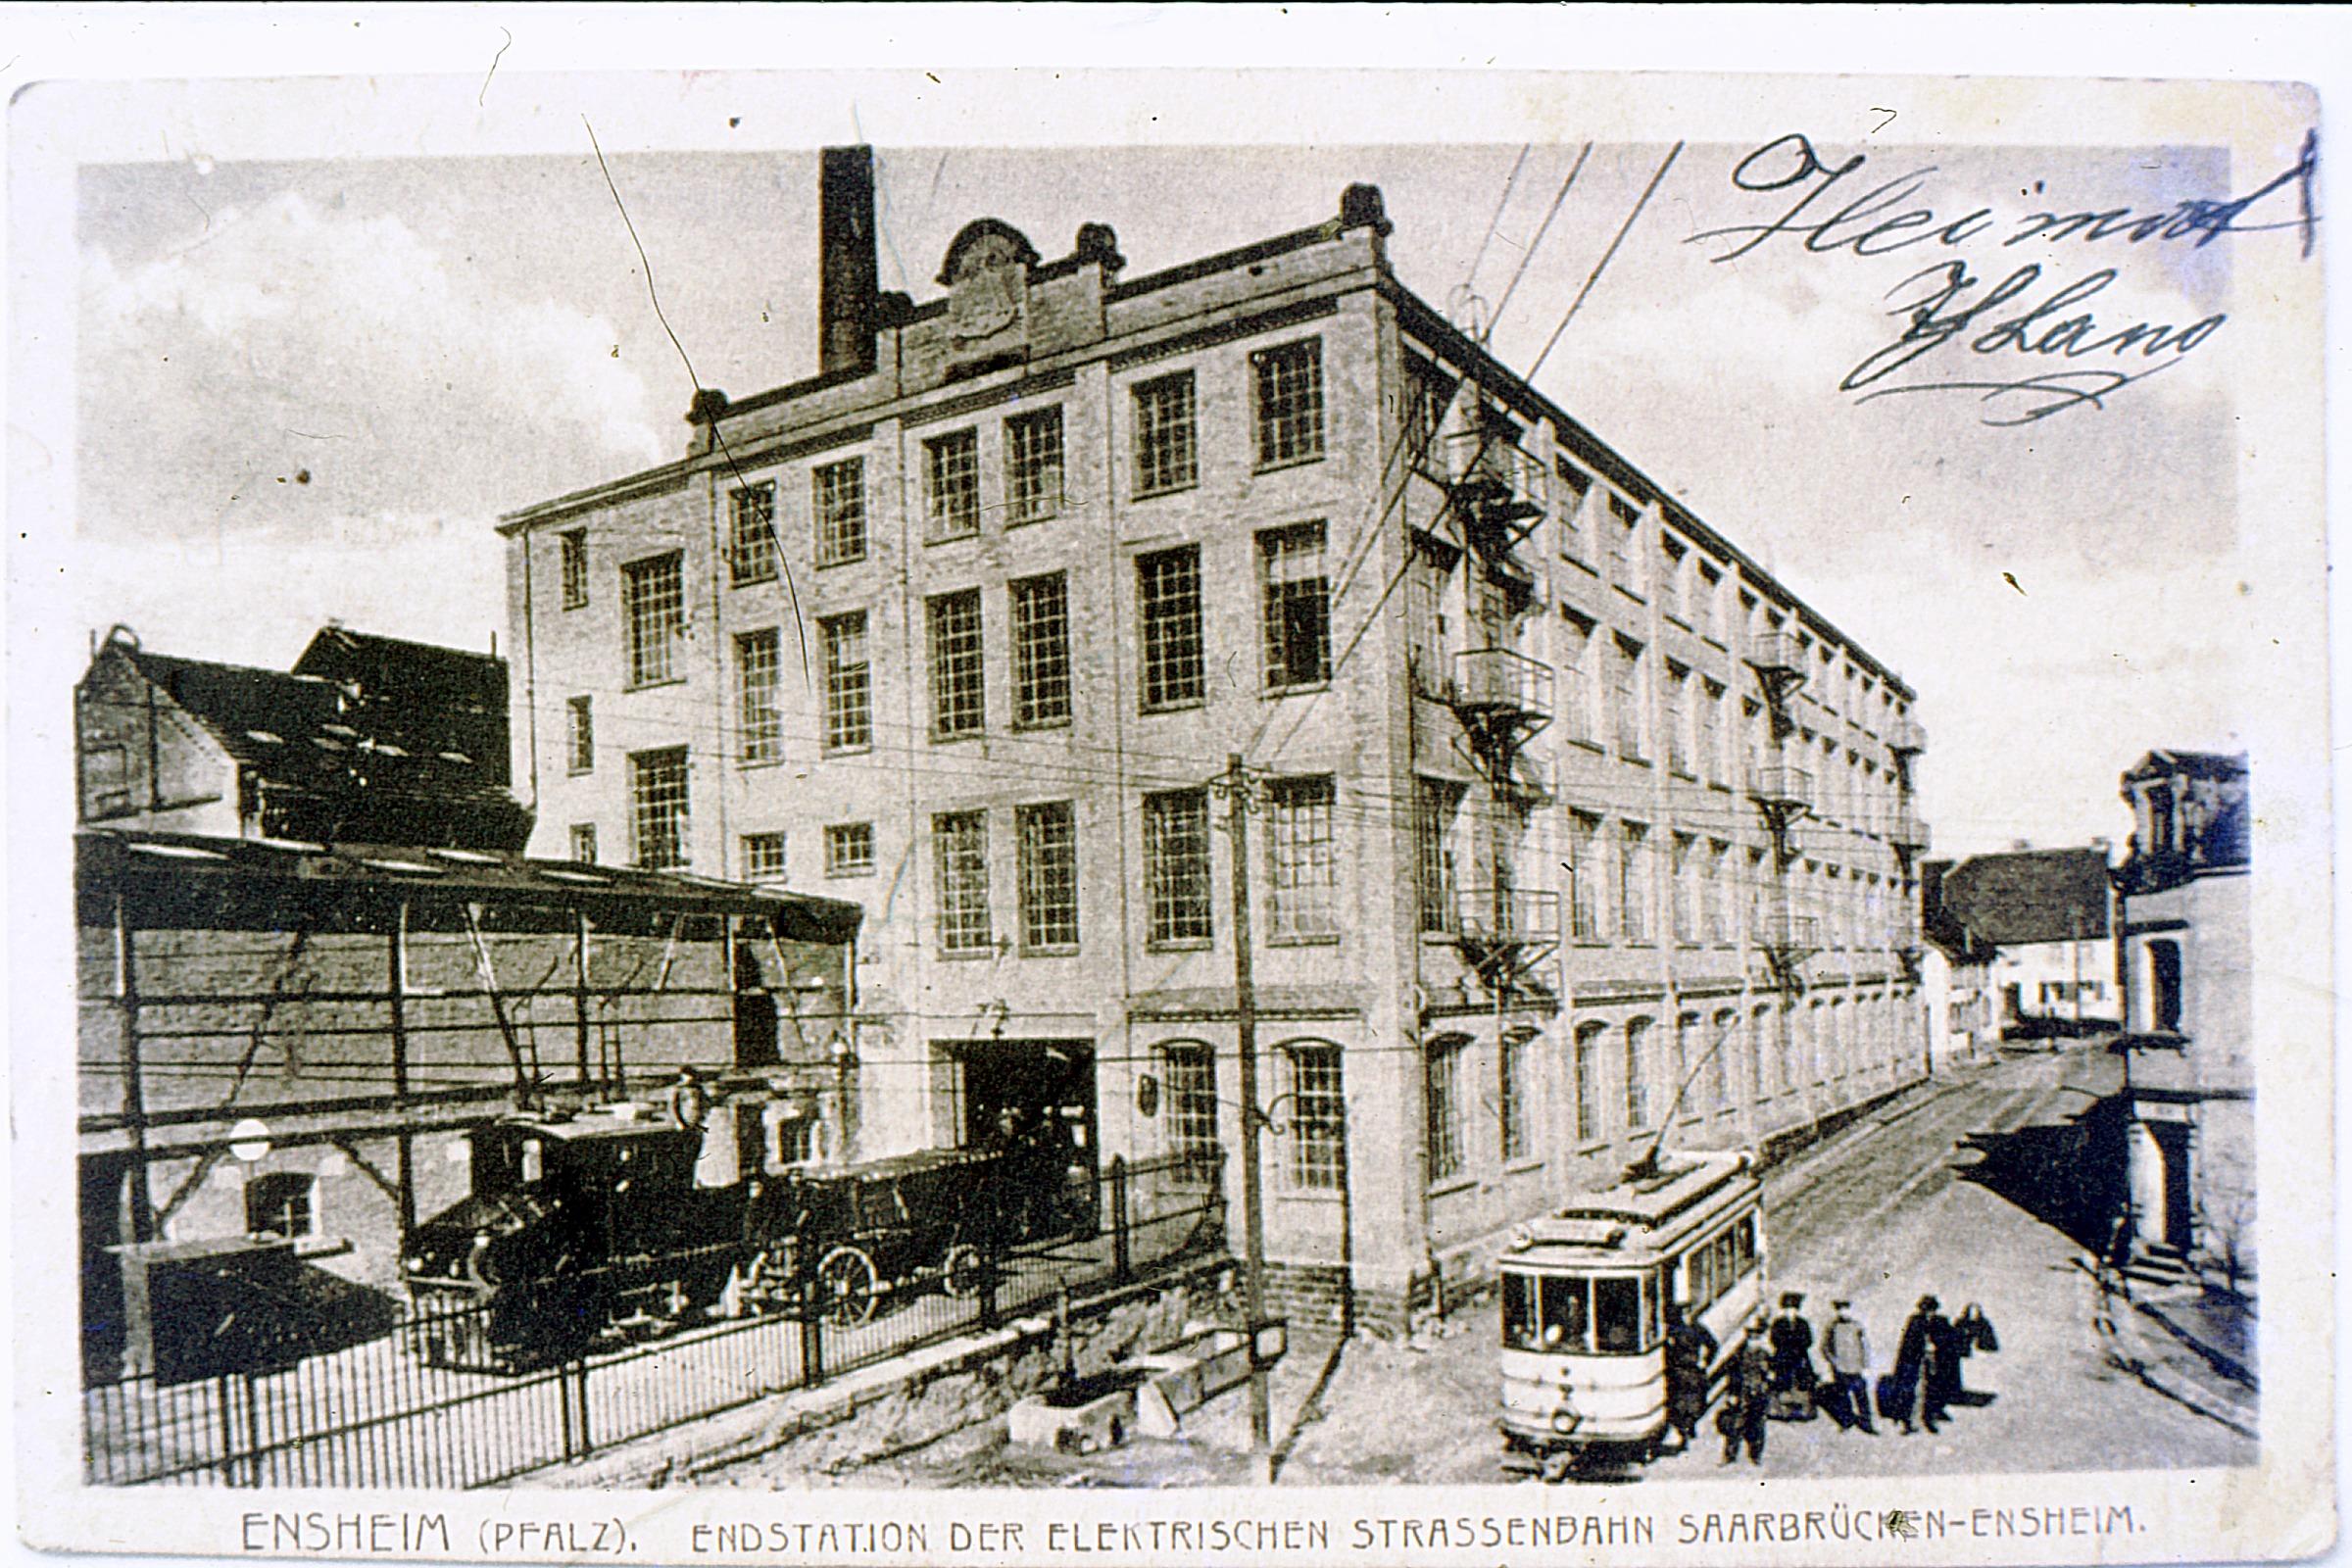 Endstation der elektrischen Straßenbahn